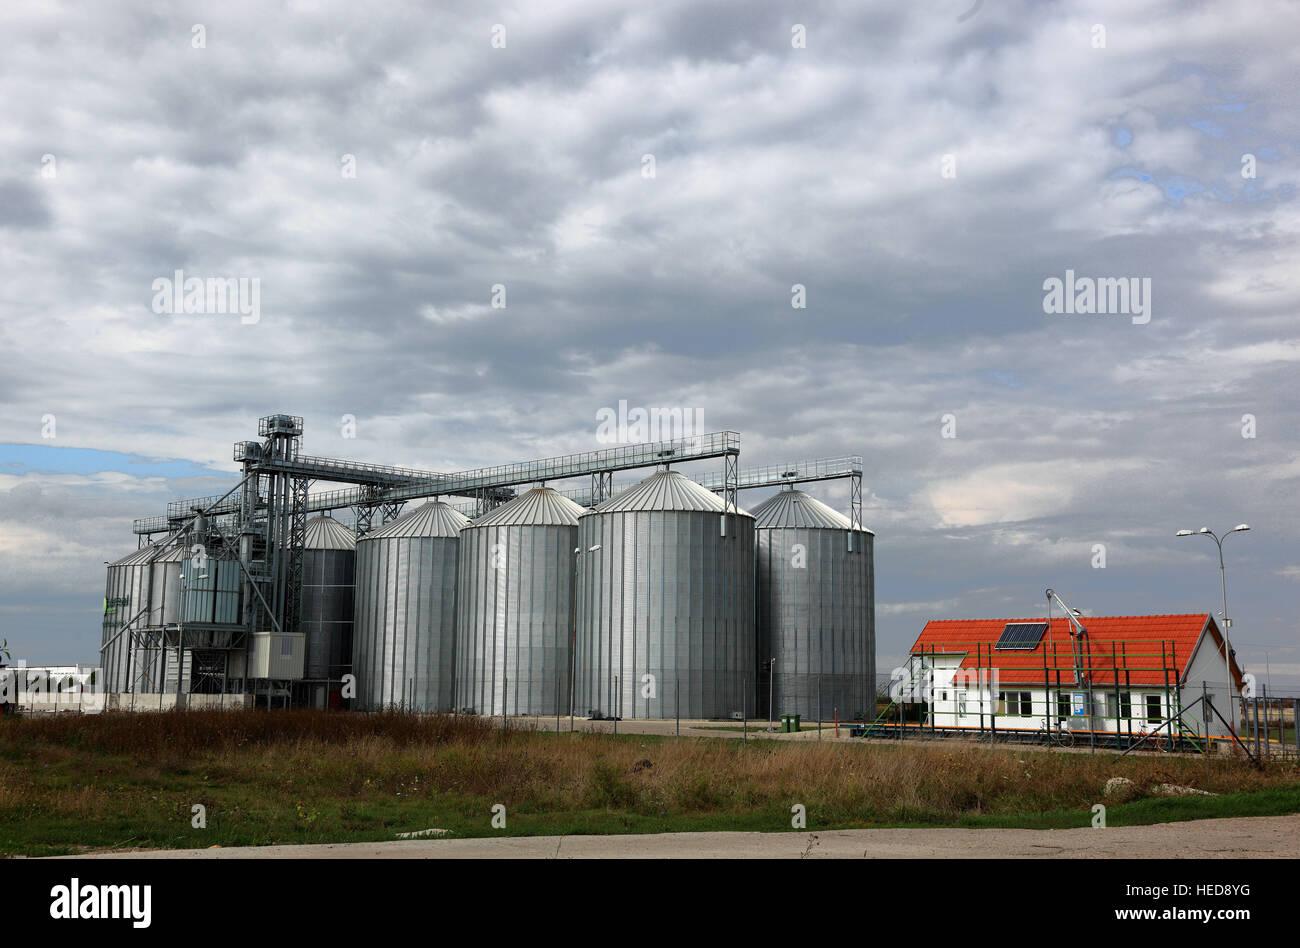 Rumänien, Kreischgebiet, Landwirtschaft, landwirtschaftliche Vorratshaltung, Getreidesilos, Silo-Lagerung, - Stock Image